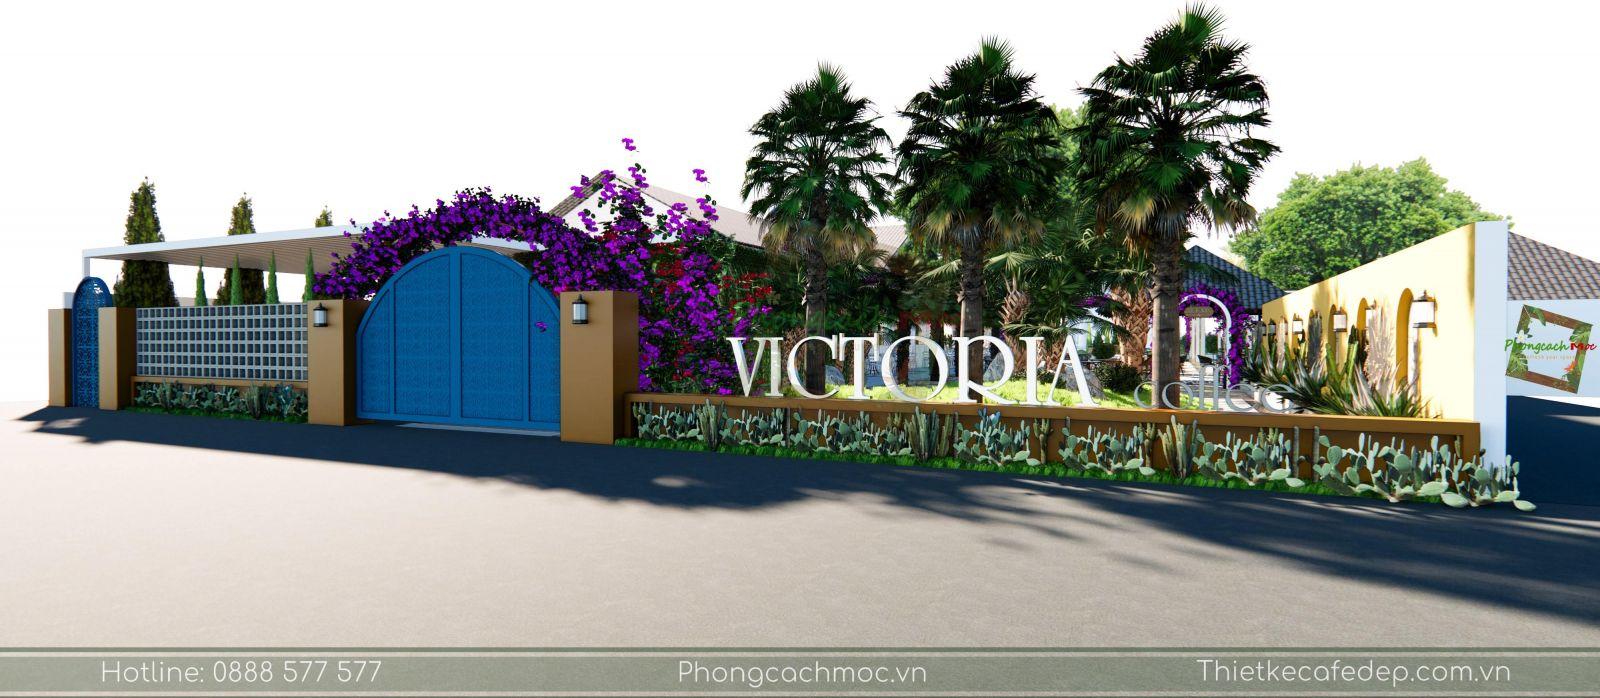 thiết kế quán cafe victoria coffee tại long an